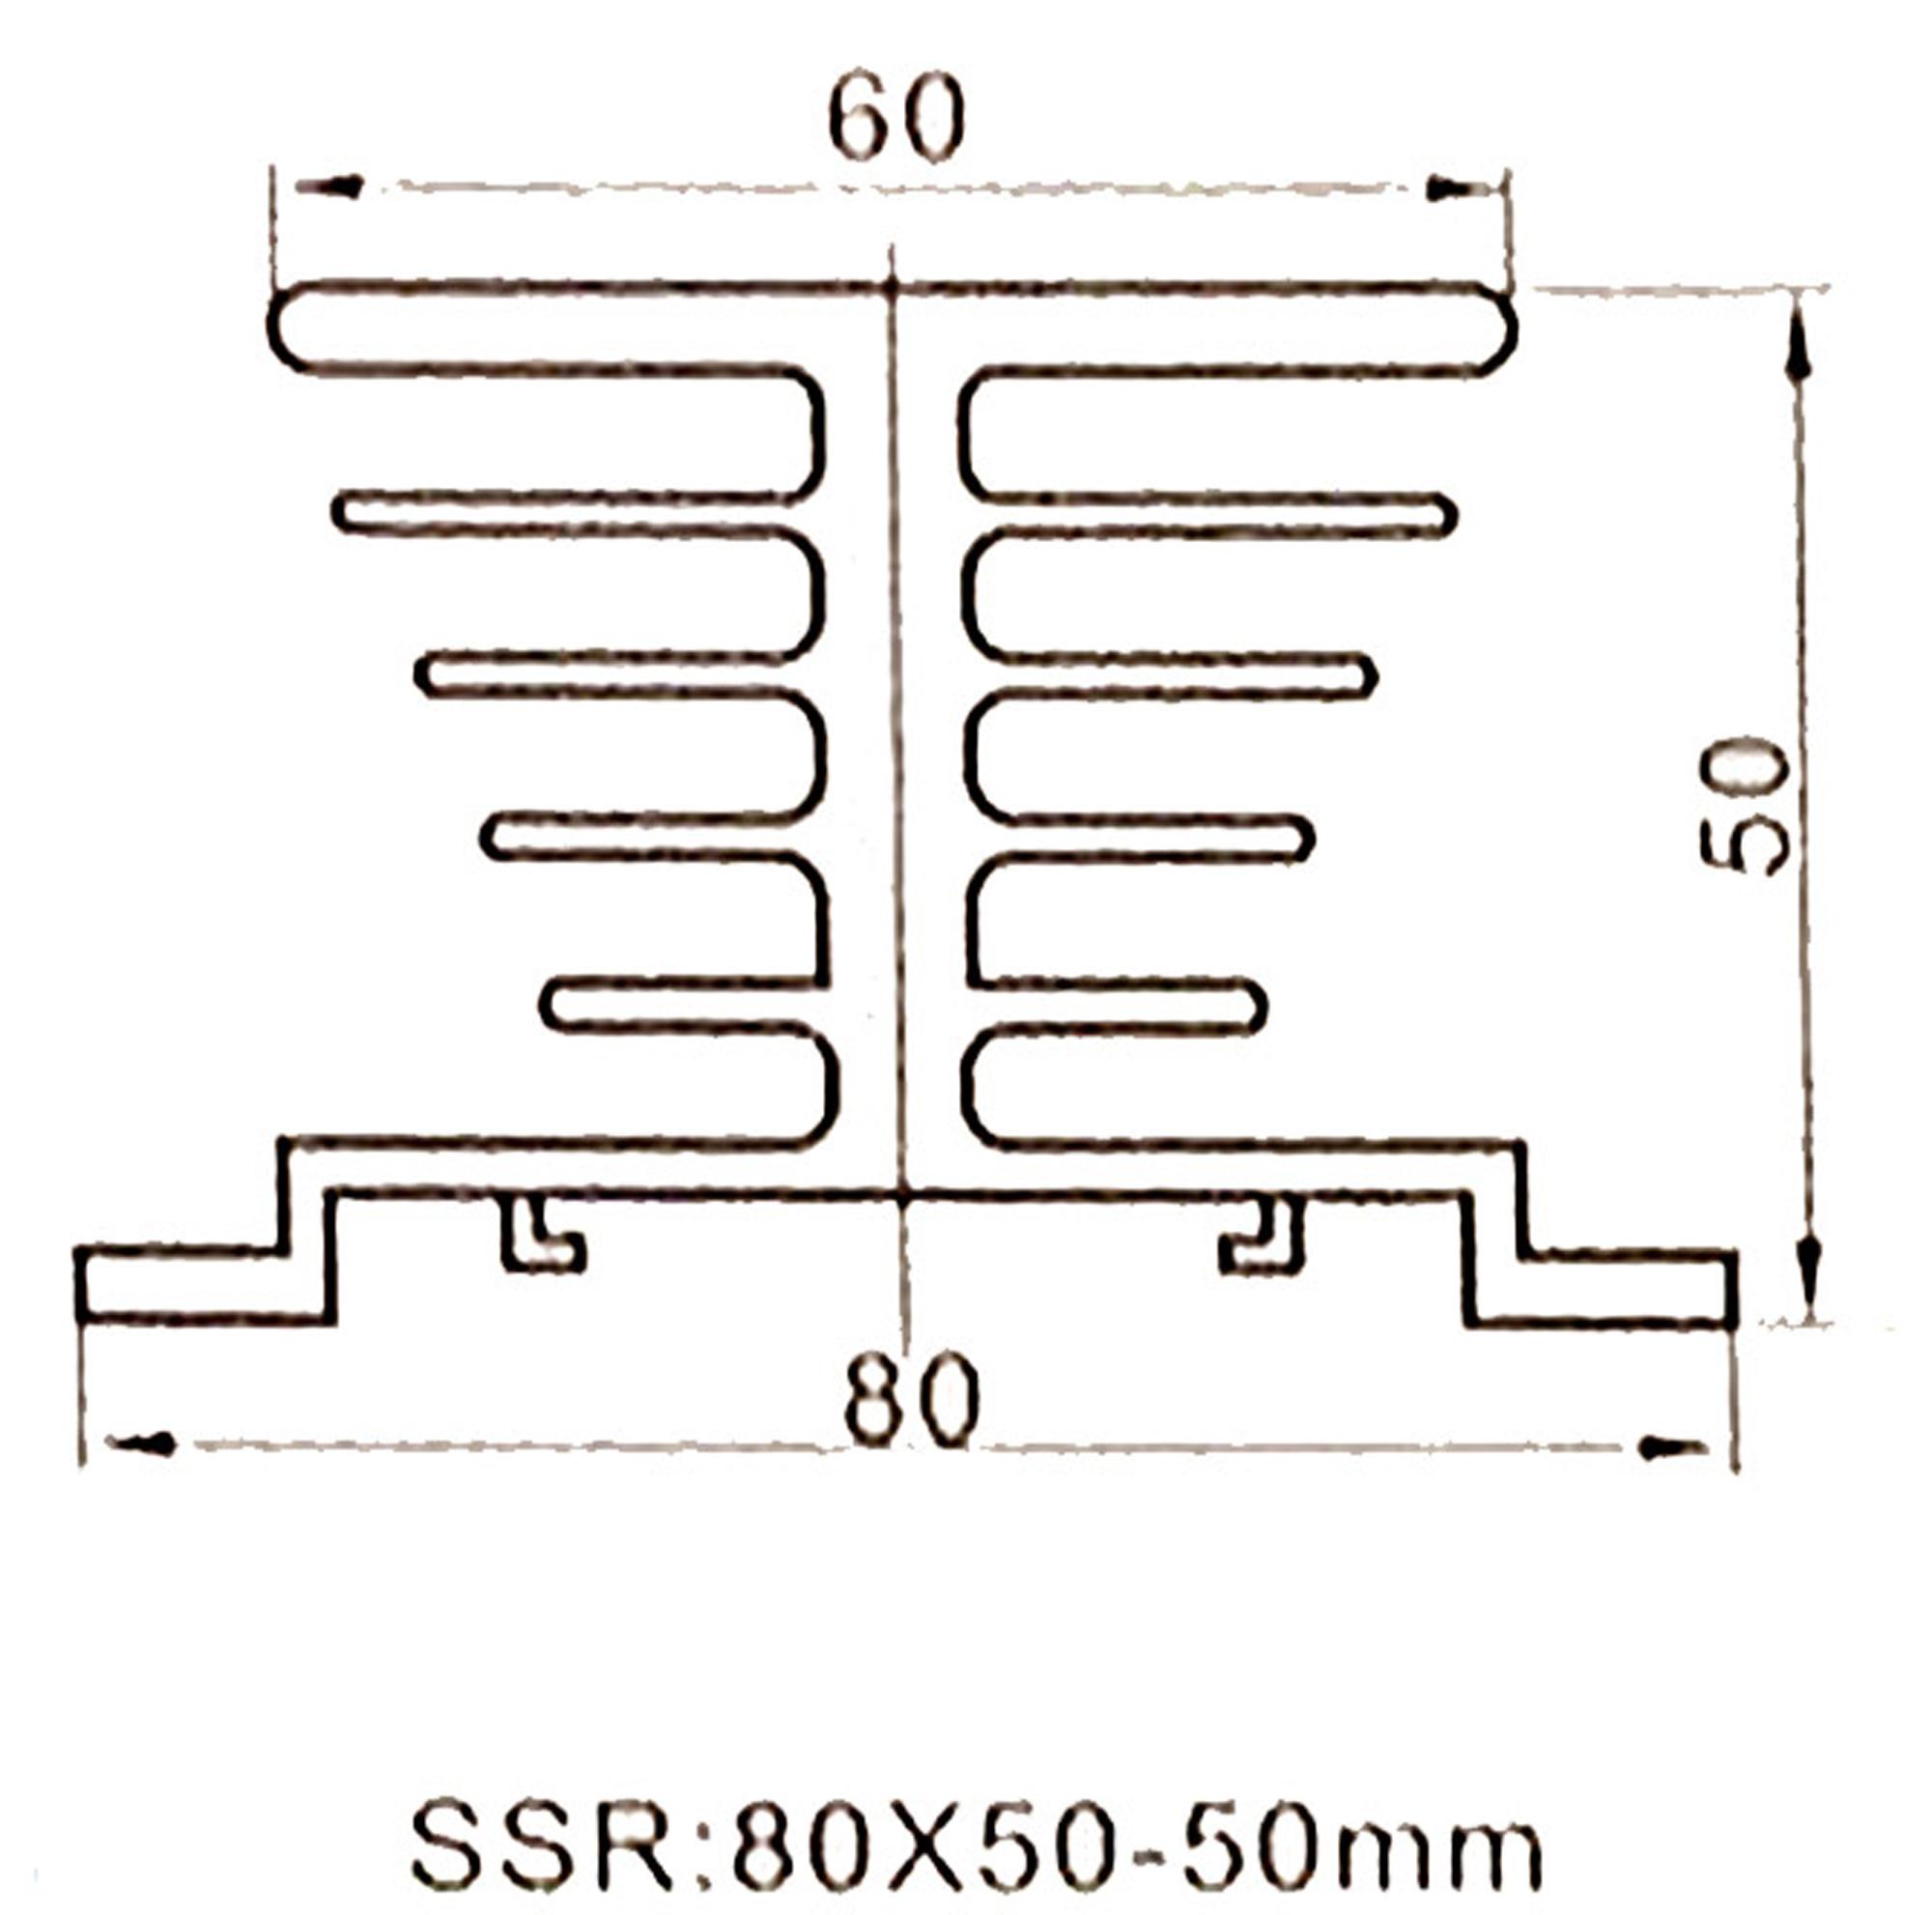 Kích thước Đế nhôm tản nhiệt Relay rắn SSR FI-50